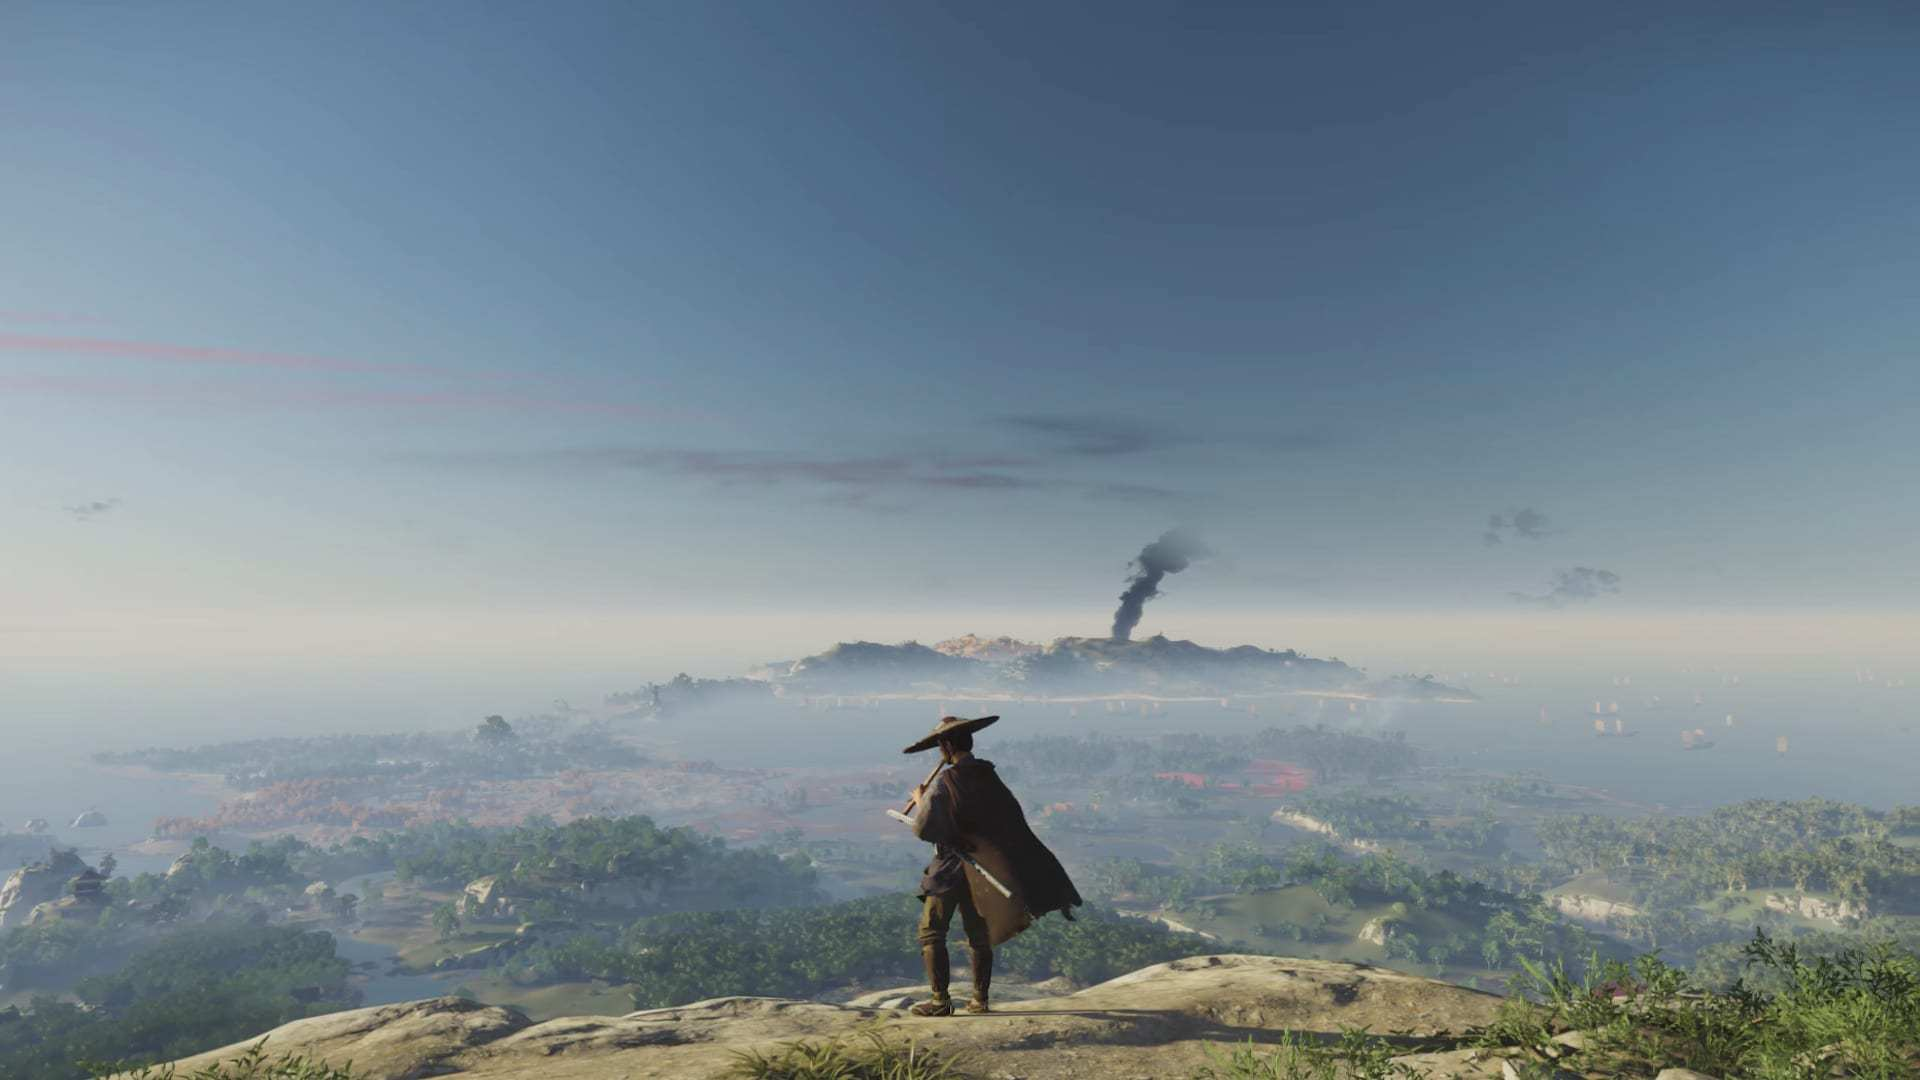 《对马岛之鬼》游戏地图究竟有多大